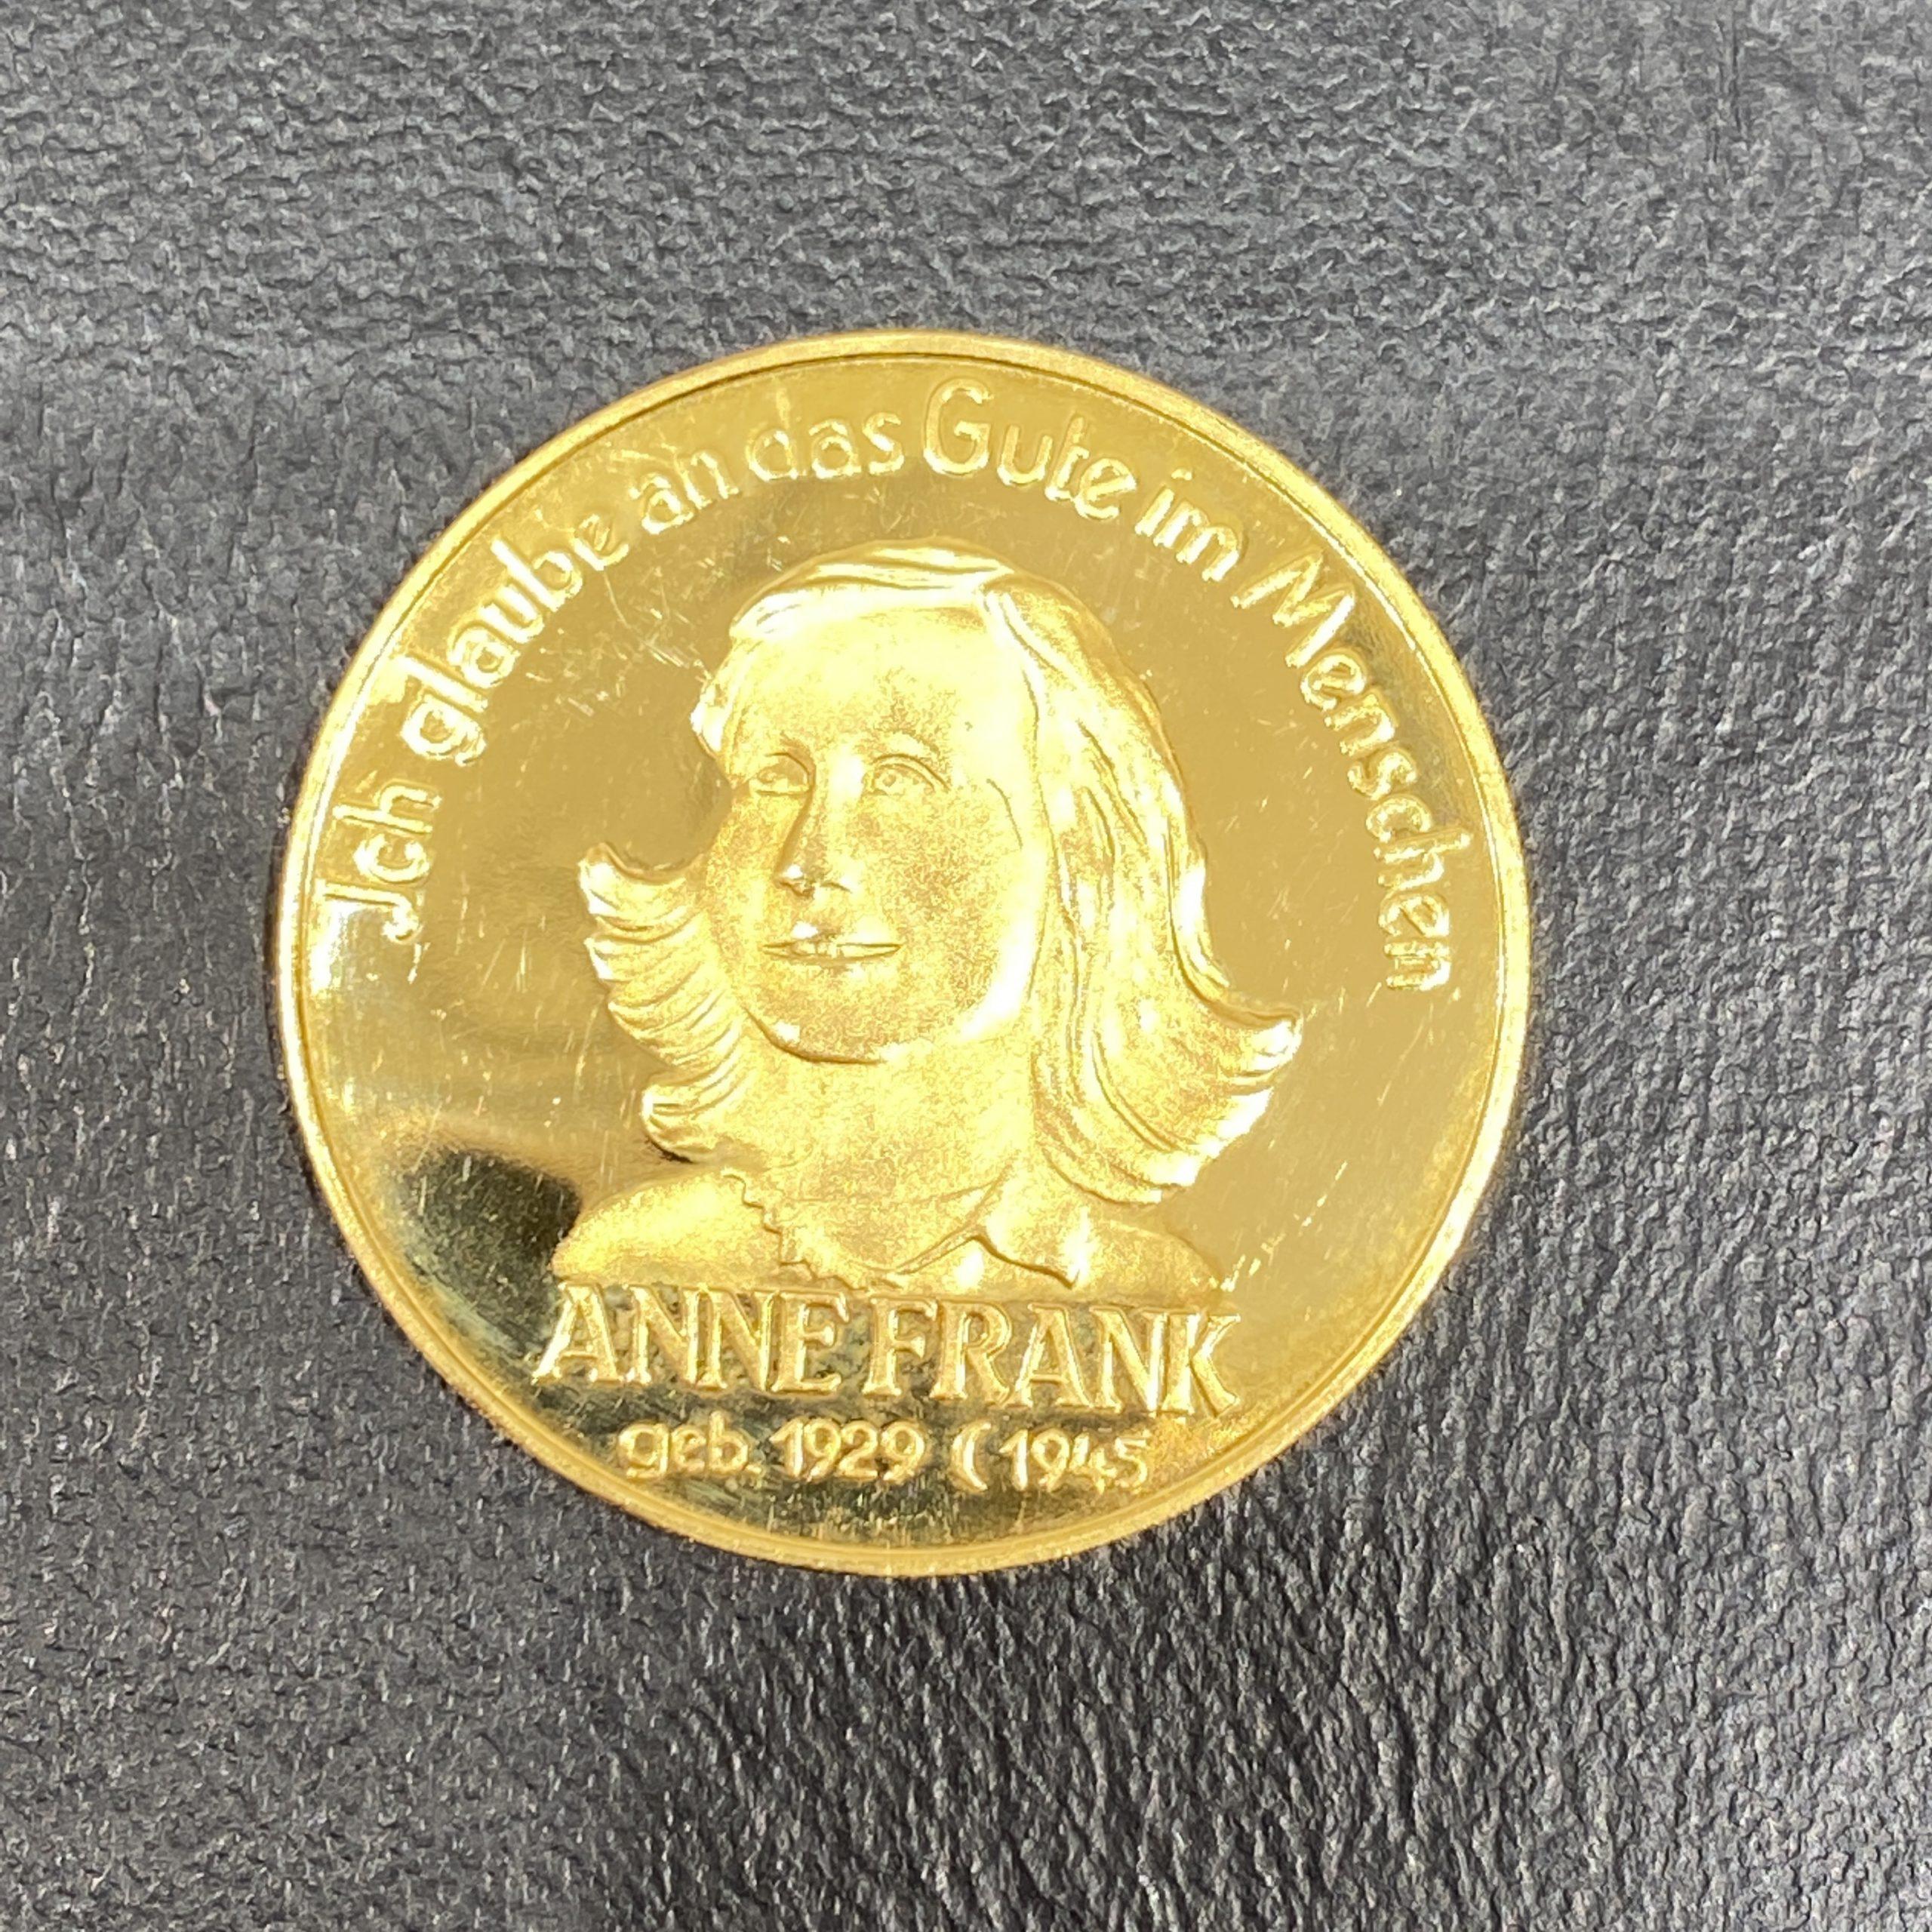 K21.6 アンネフランク 金貨